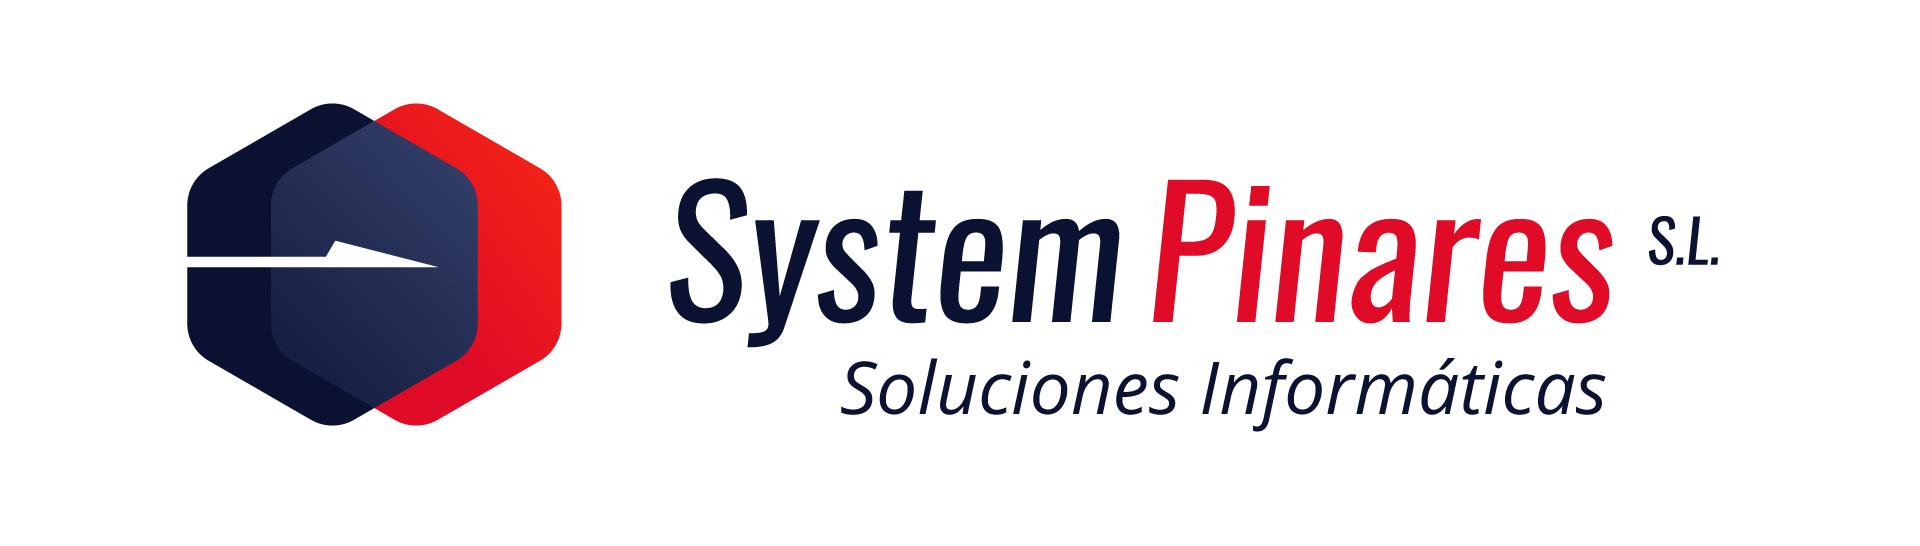 Disseny del logotip per a la empresa System Pinares. Elegant, funcional, modern.